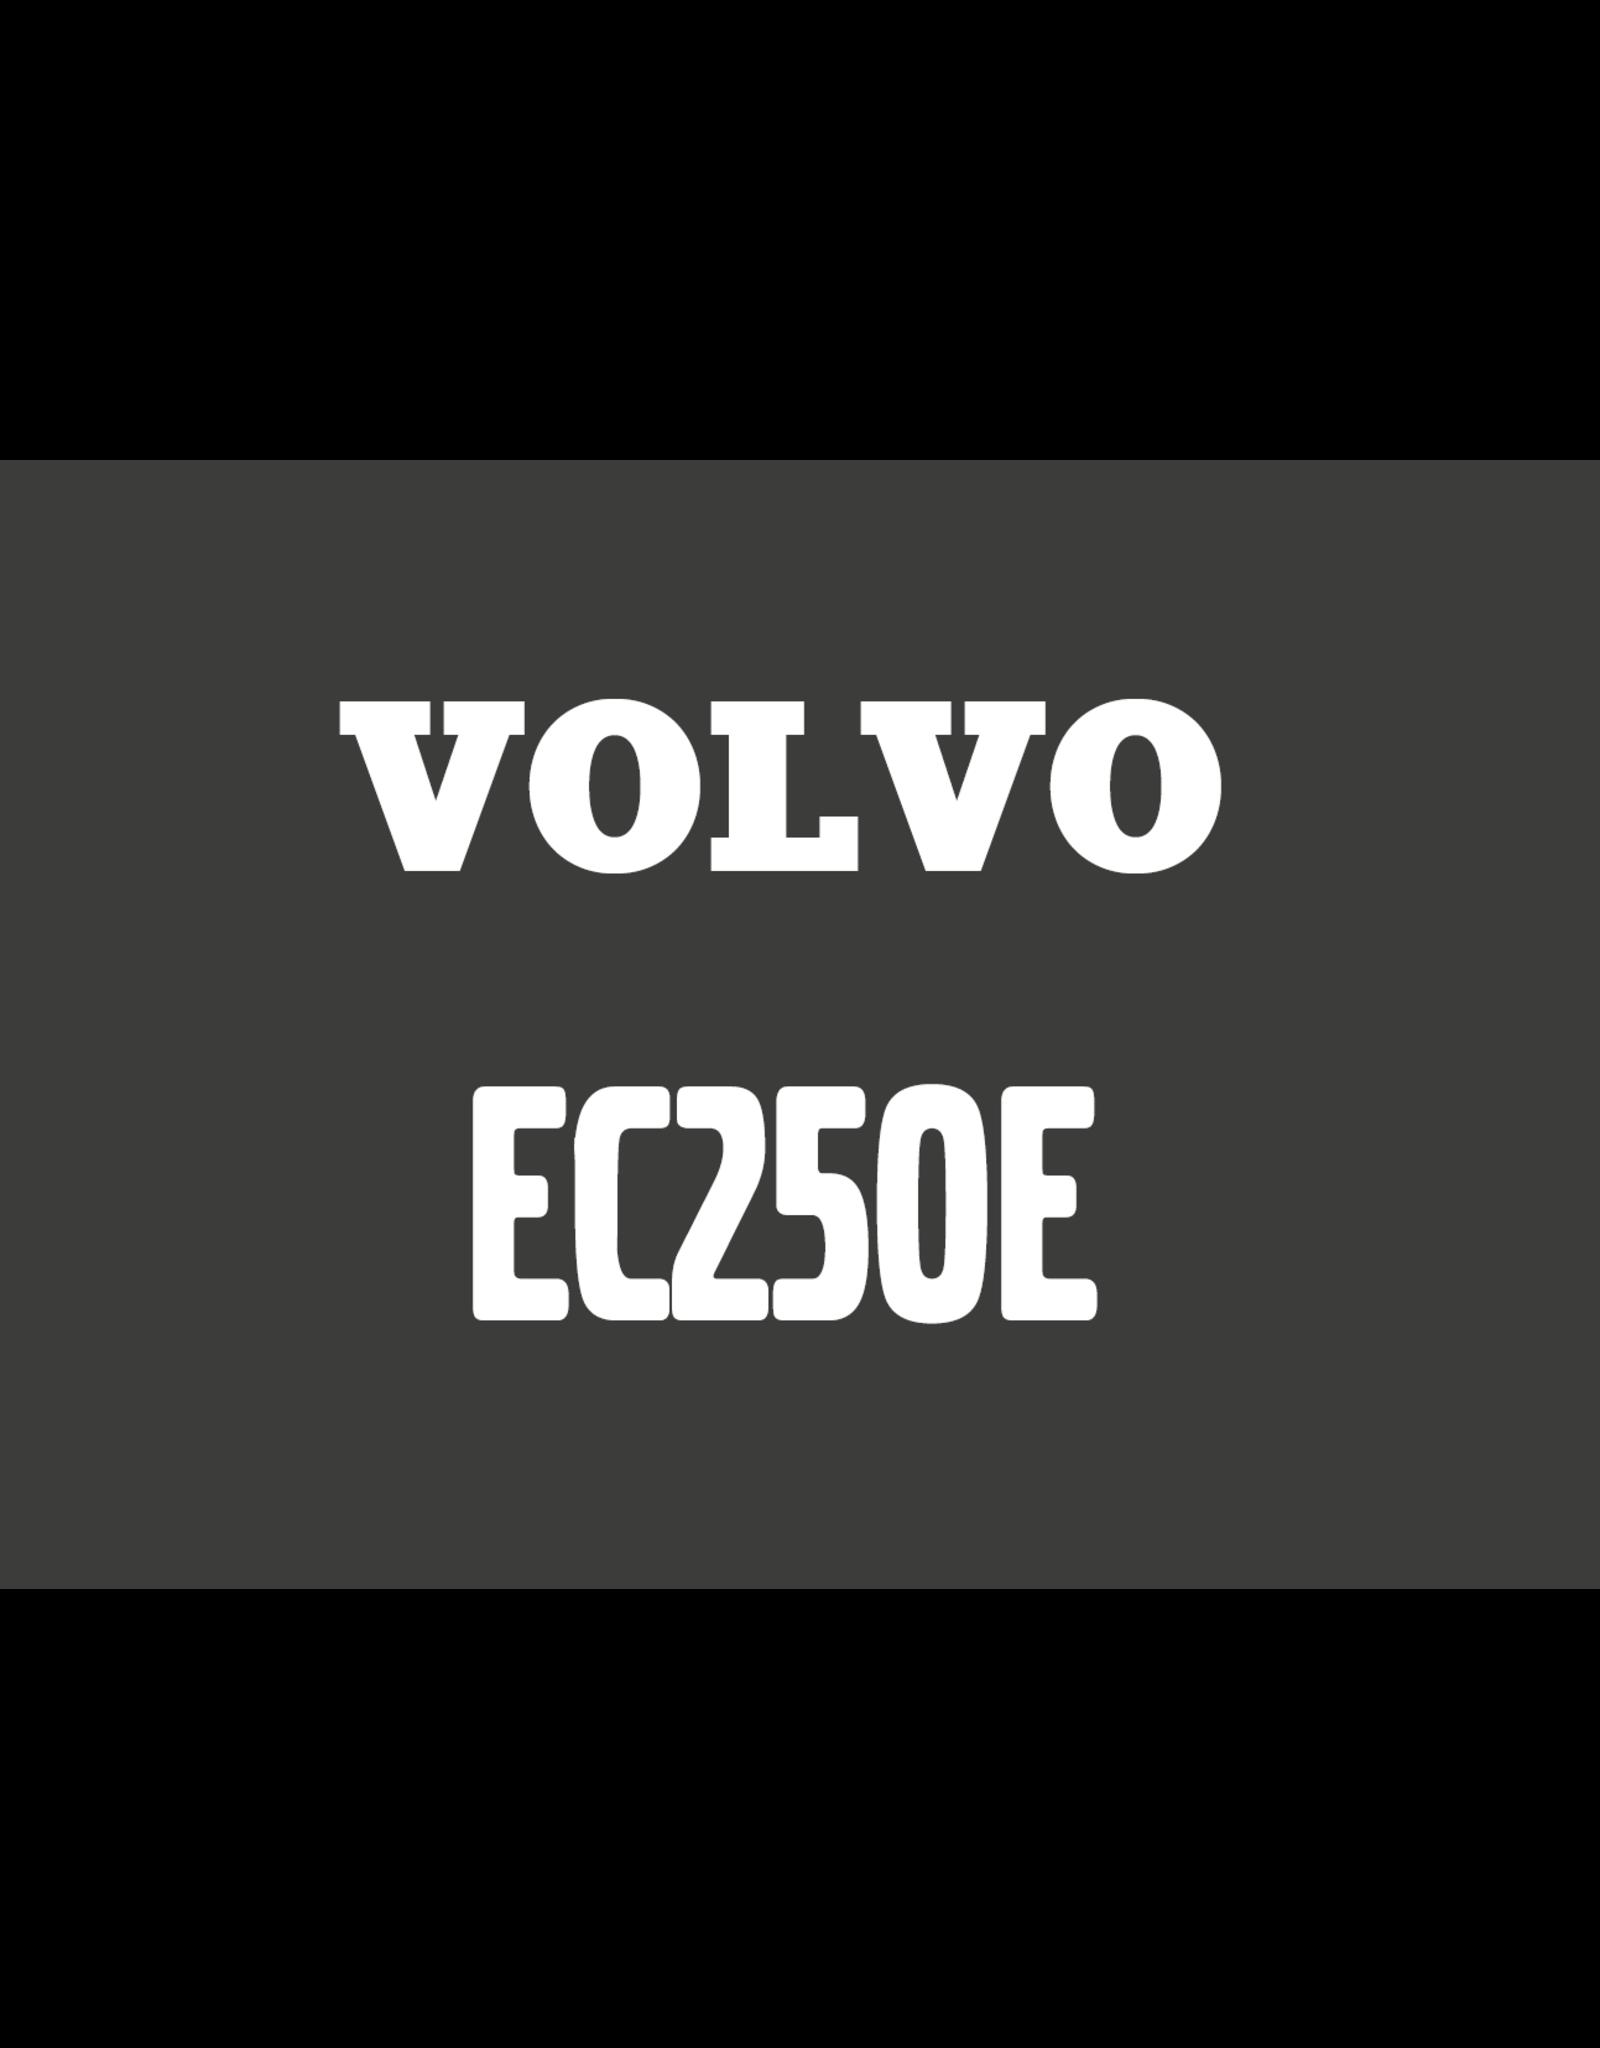 Echle Hartstahl GmbH FOPS for Volvo EC250E